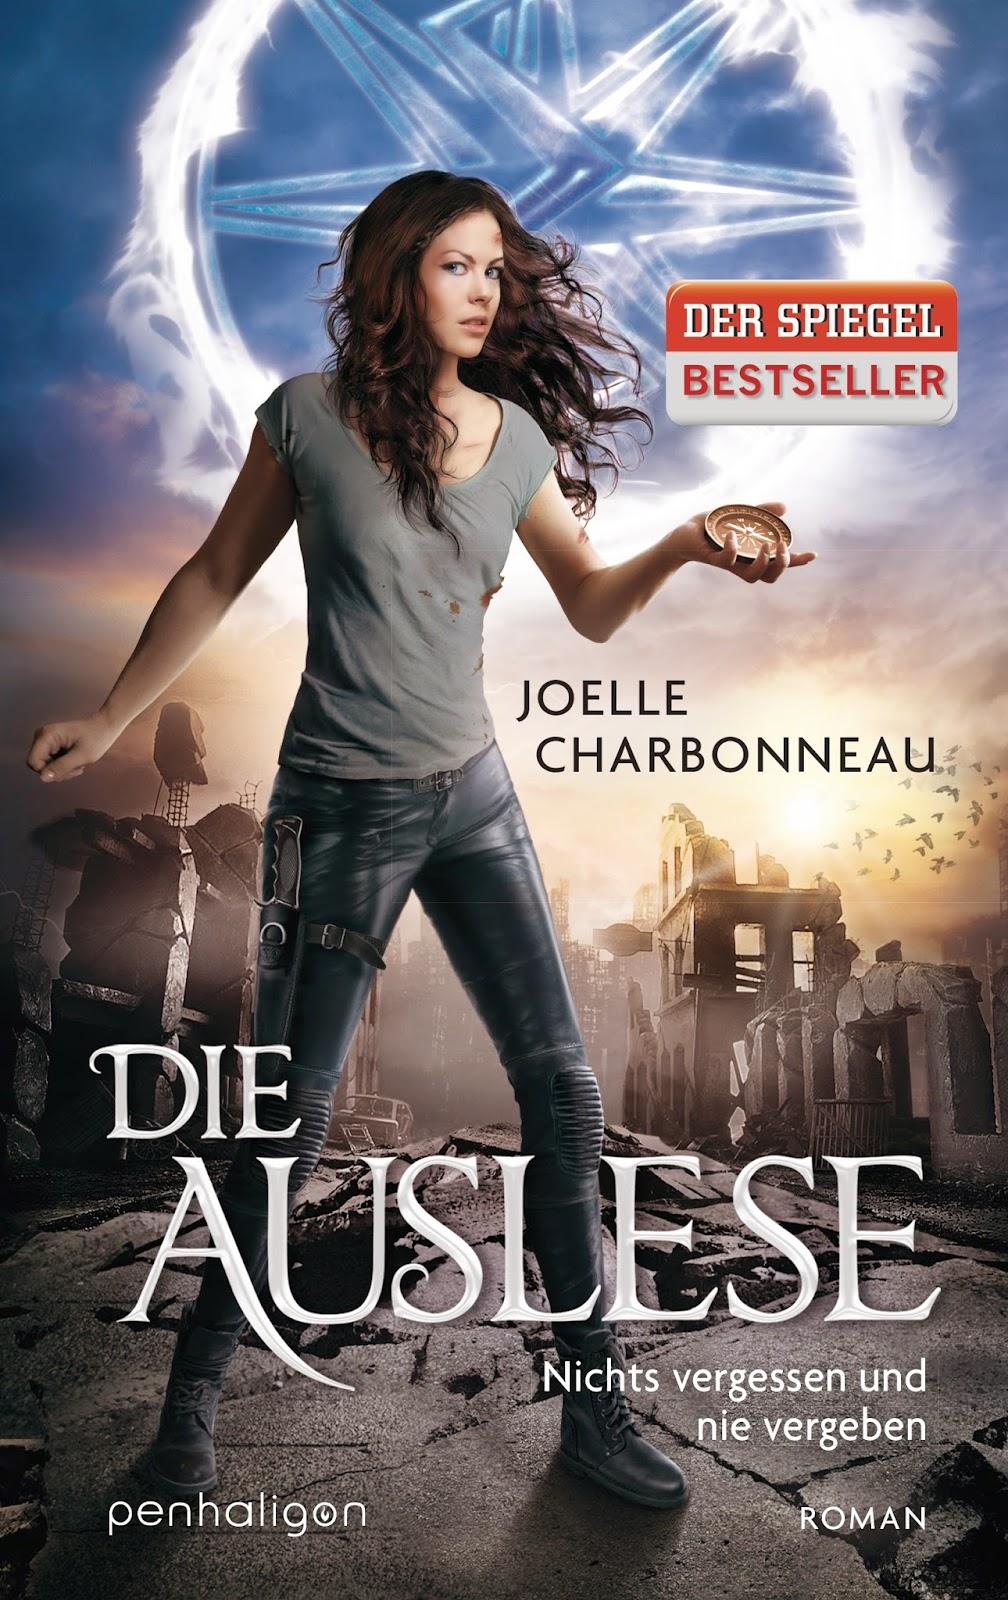 http://www.randomhouse.de/Presse/Buch/Die-Auslese-Nichts-vergessen-und-nie-vergeben-Roman/Joelle-Charbonneau/pr427915.rhd?pub=45000&men=1&mid=5